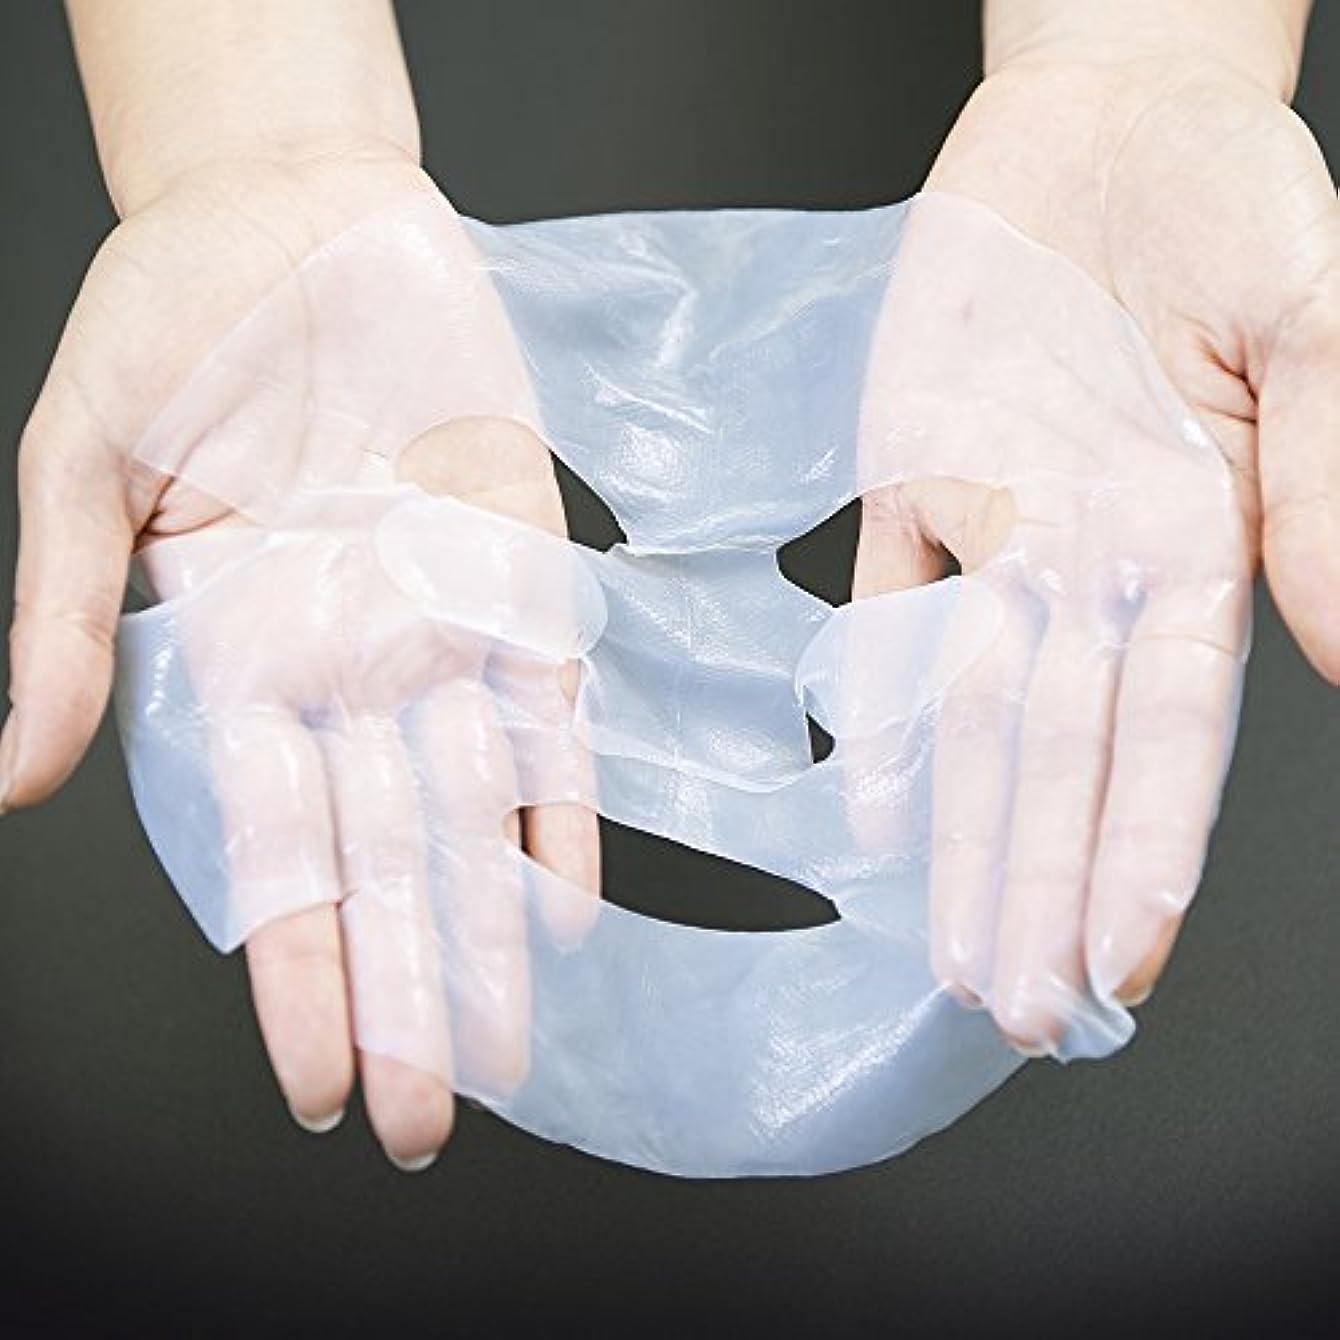 ホールド集団的埋め込むヒト幹細胞化粧品 ディアガイア フェイスパック 5枚セット